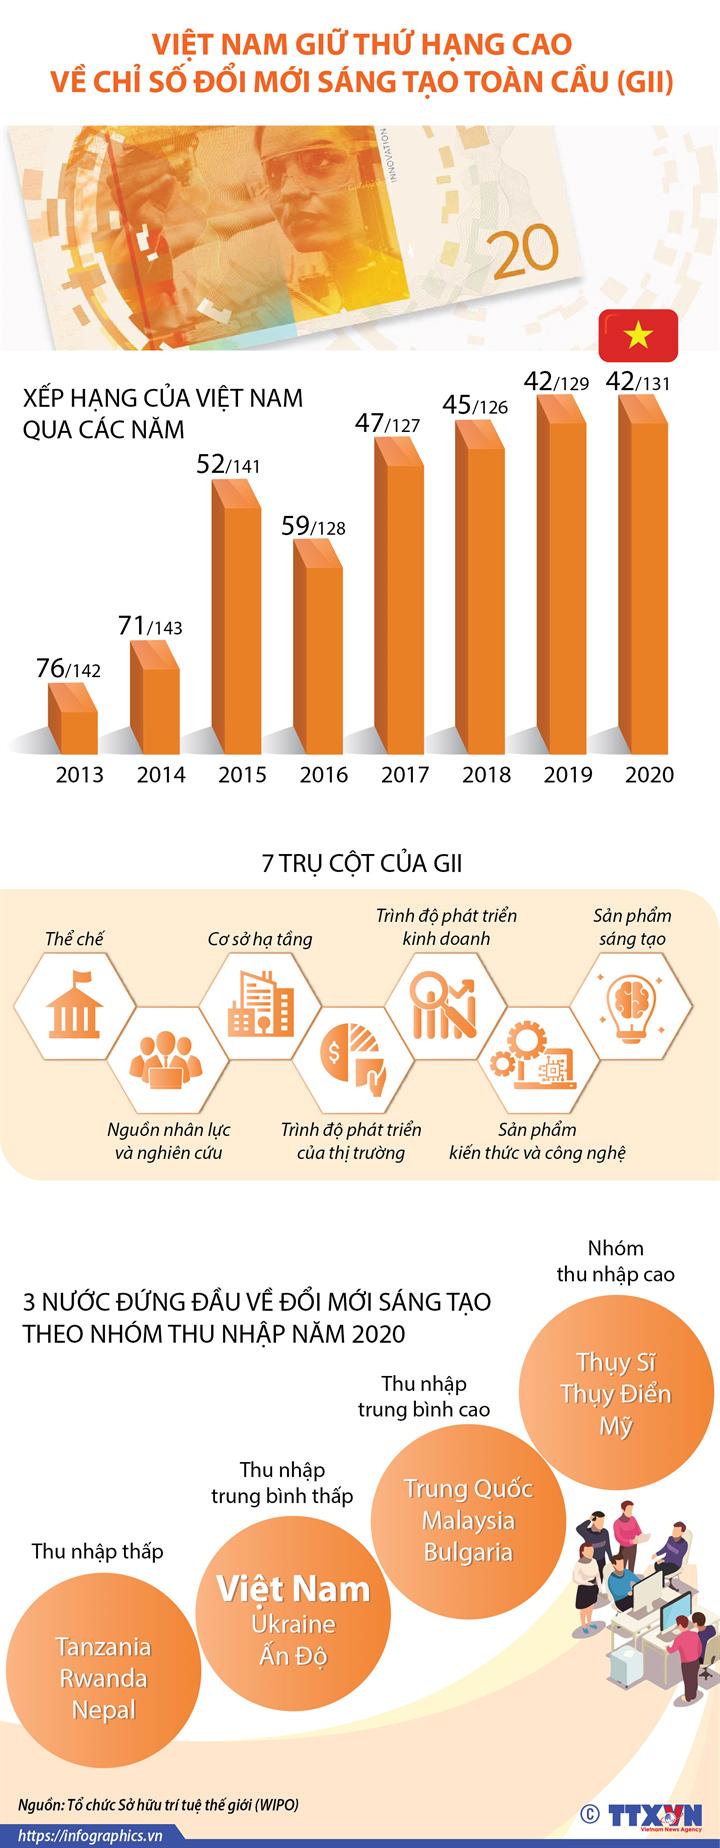 Việt Nam giữ thứ hạng cao về Chỉ số Đổi mới sáng tạo toàn cầu (GII)